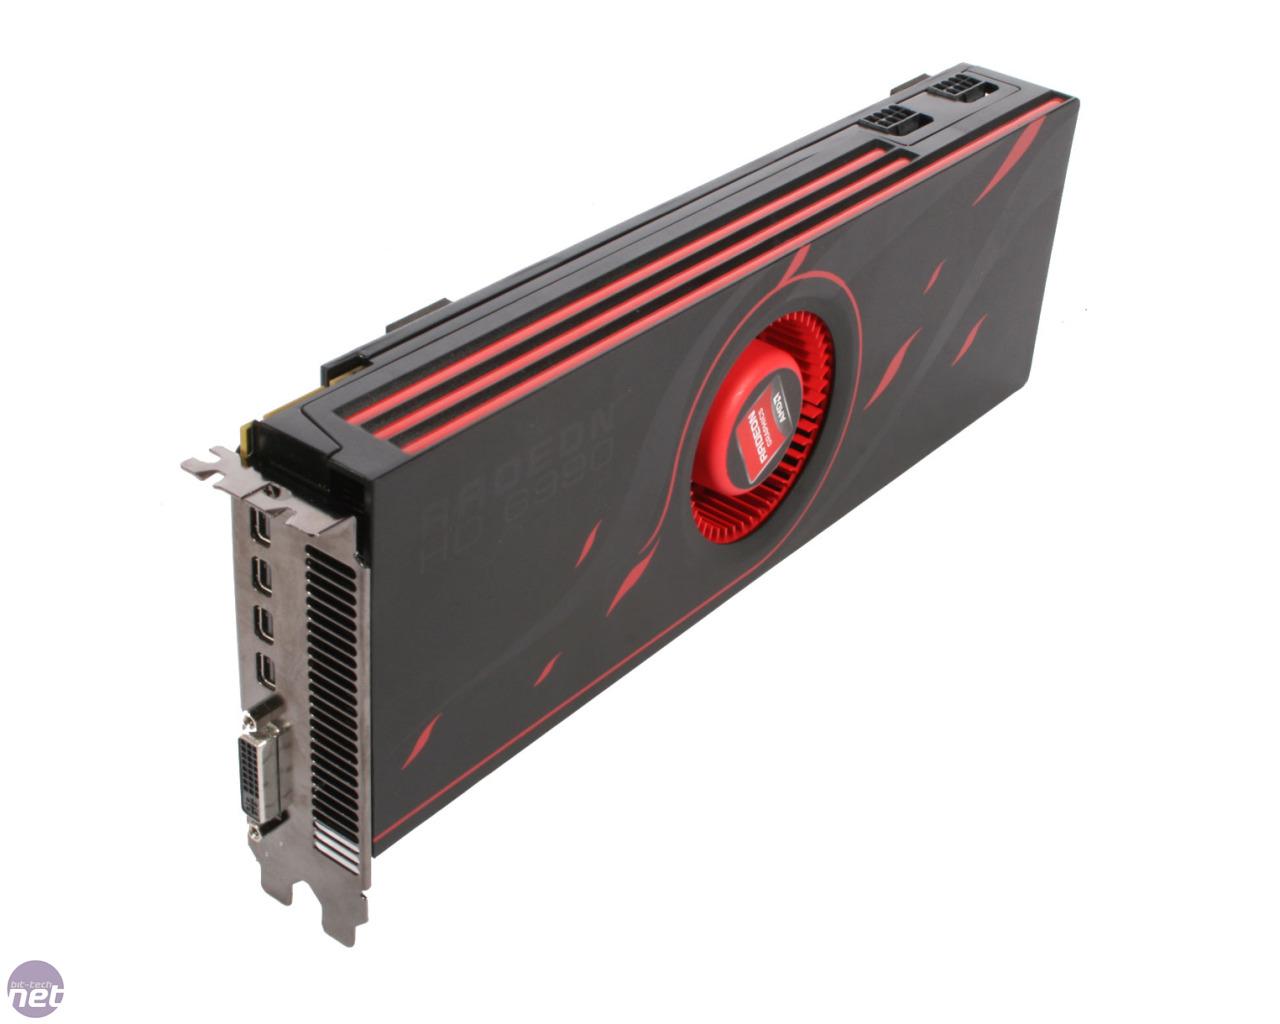 amd-radeon-hd_AMD Radeon HD 6990 4GB Review | bit-tech.net